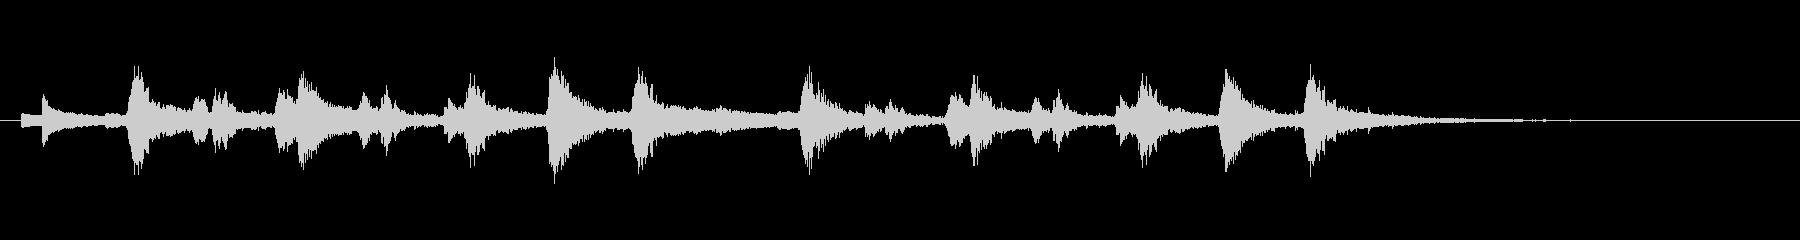 ピッツィカートによる不気味なジングル3の未再生の波形